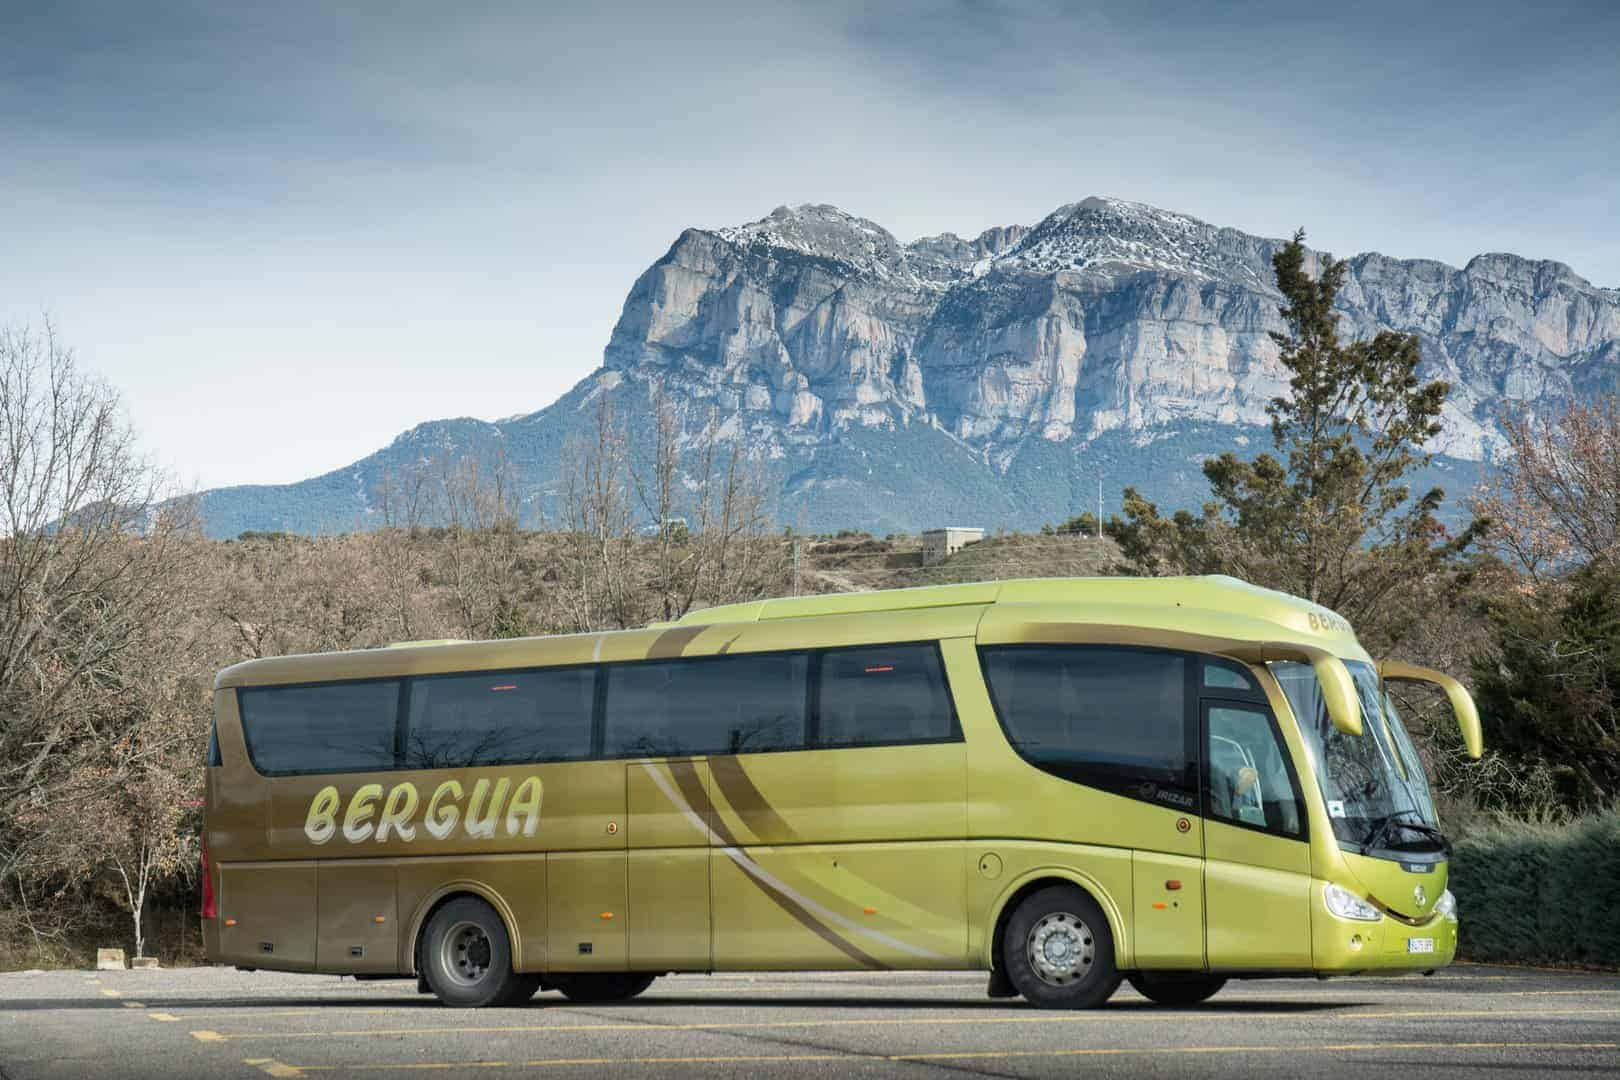 6475DPP-2 Bergua